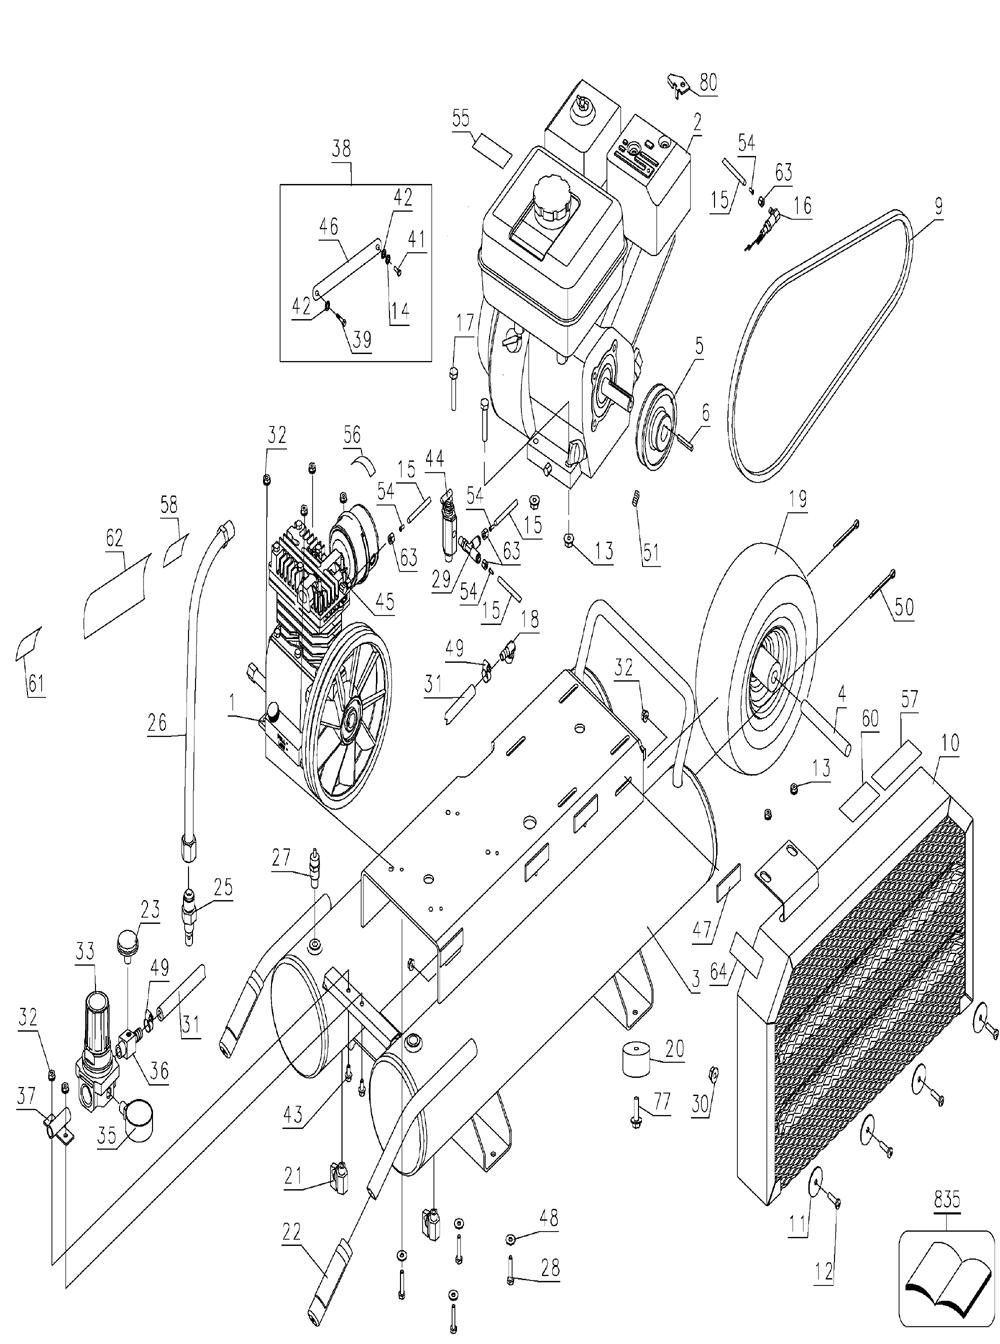 D55270-T3-Dewalt-PB-1Break Down